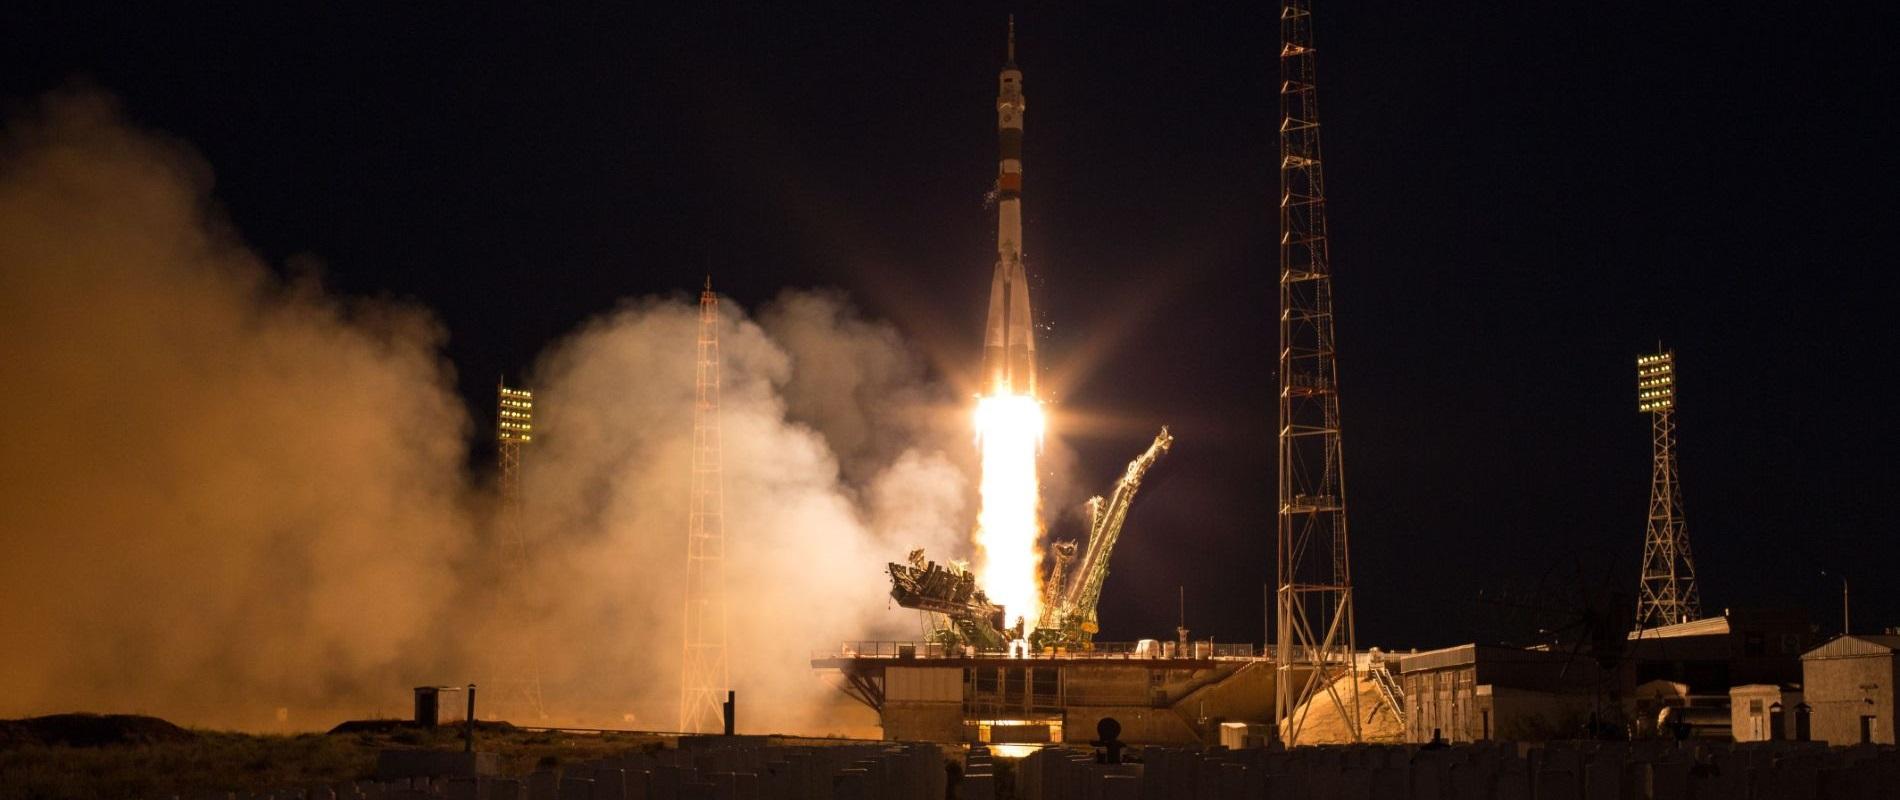 لحظة انطلاق Soyuz MS-11 فى عام 2018